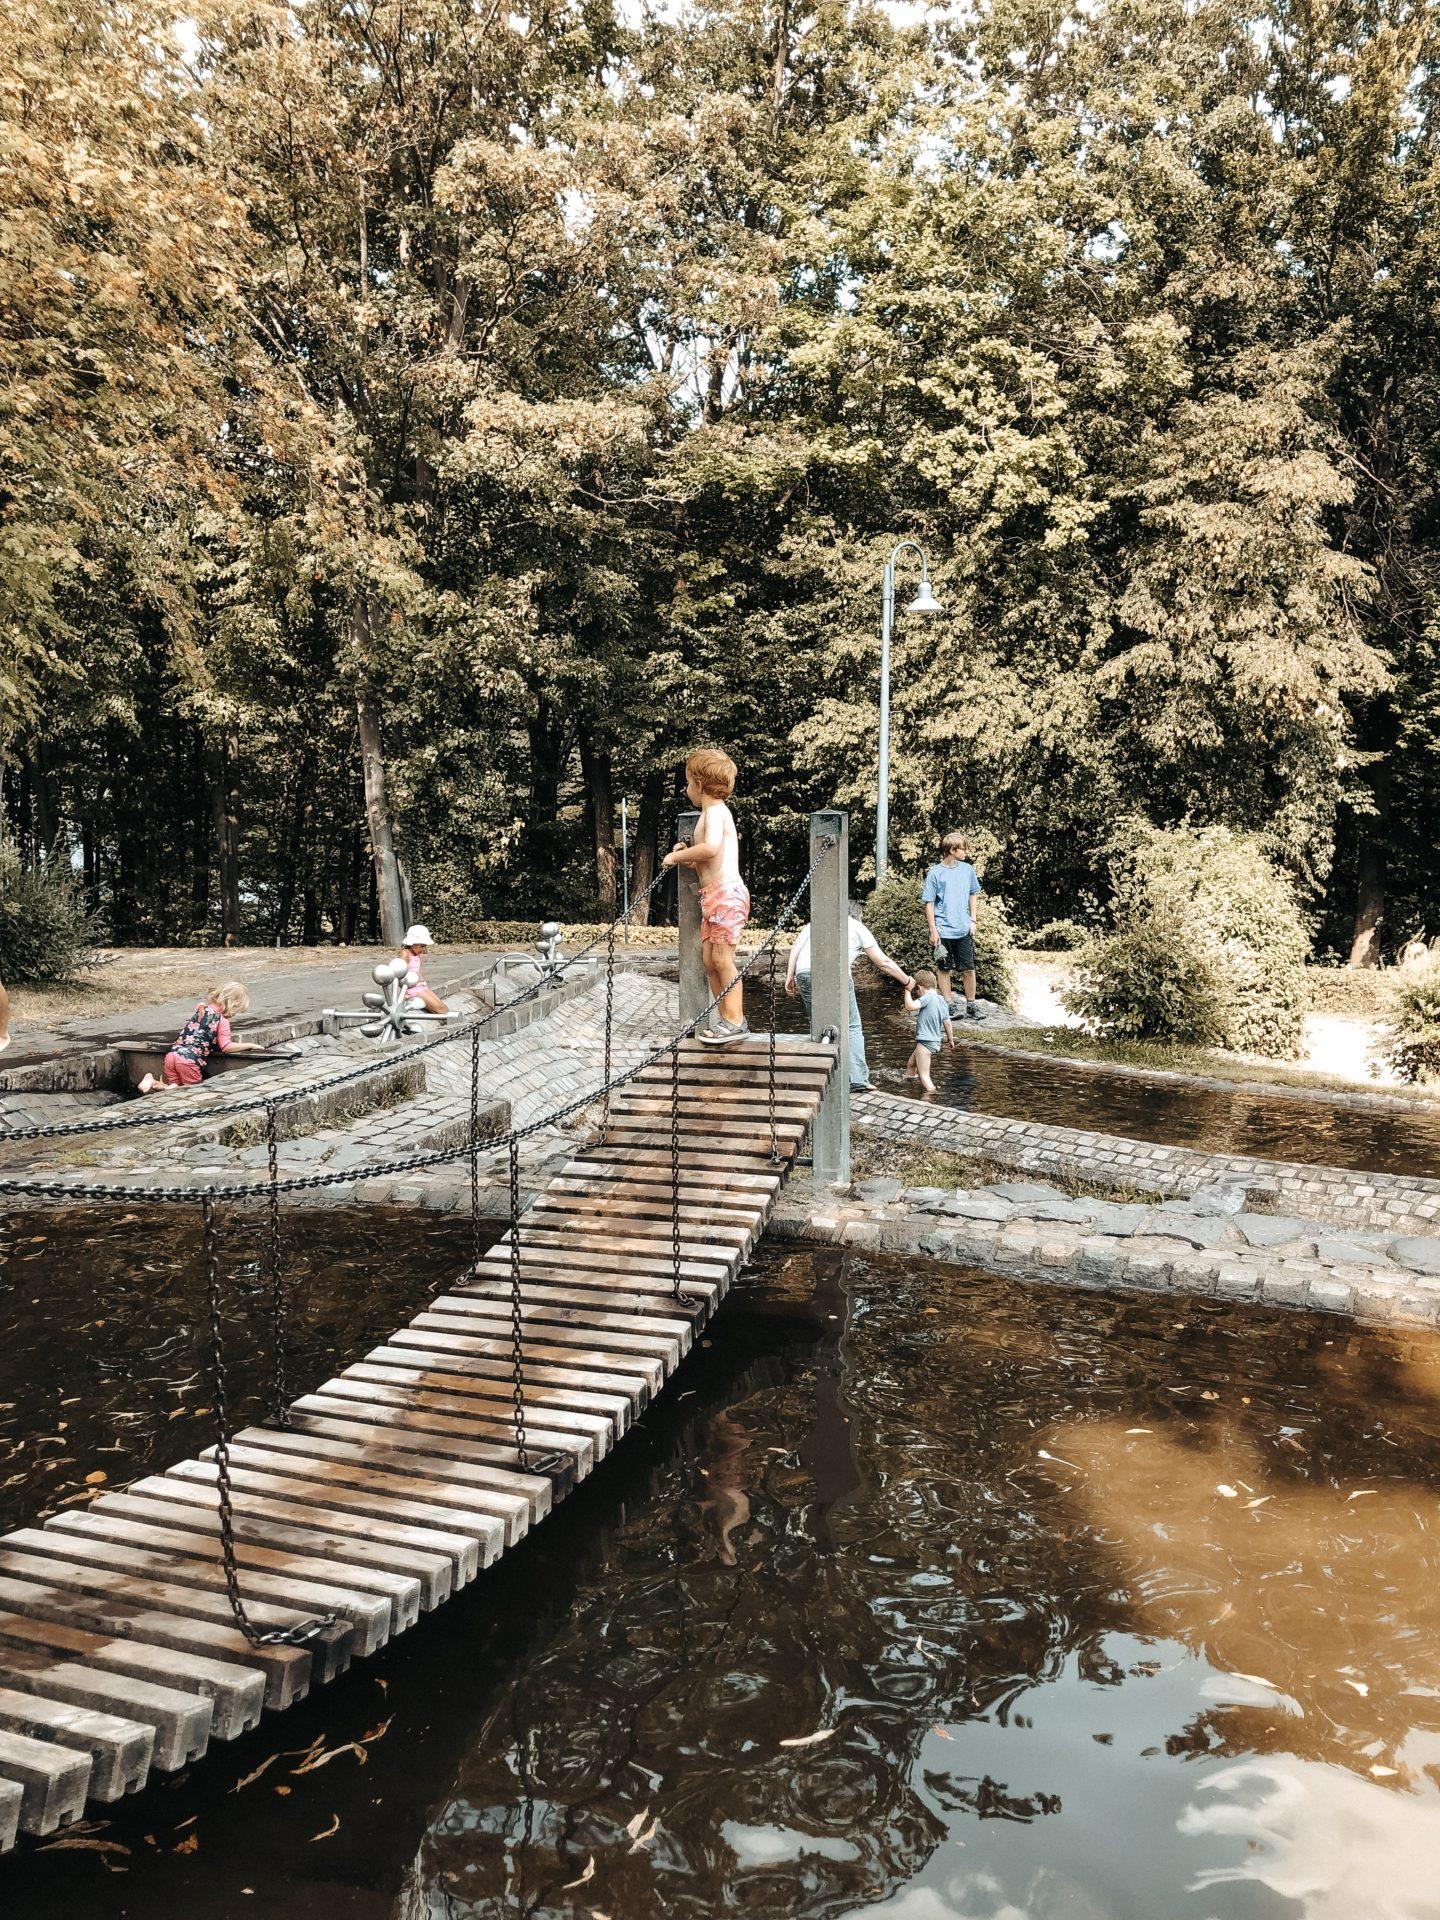 Wasserspielplatz Edersee